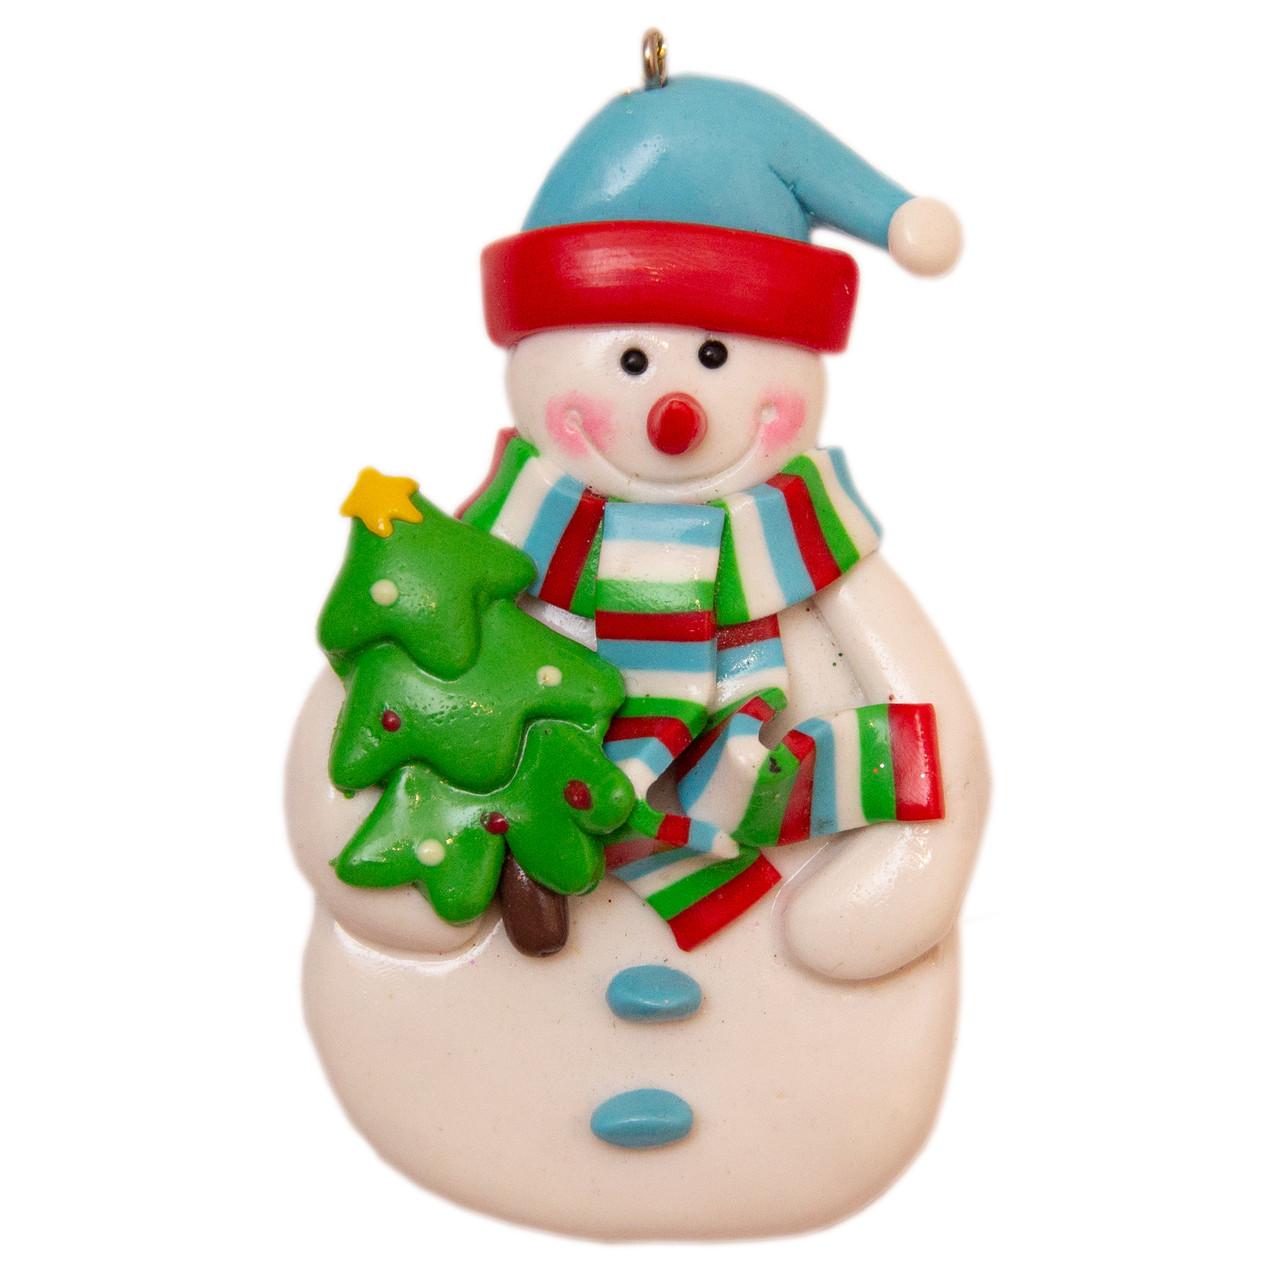 Елочная игрушка глиняная сувенирная Снеговик с елкой 9 см (000371-4)